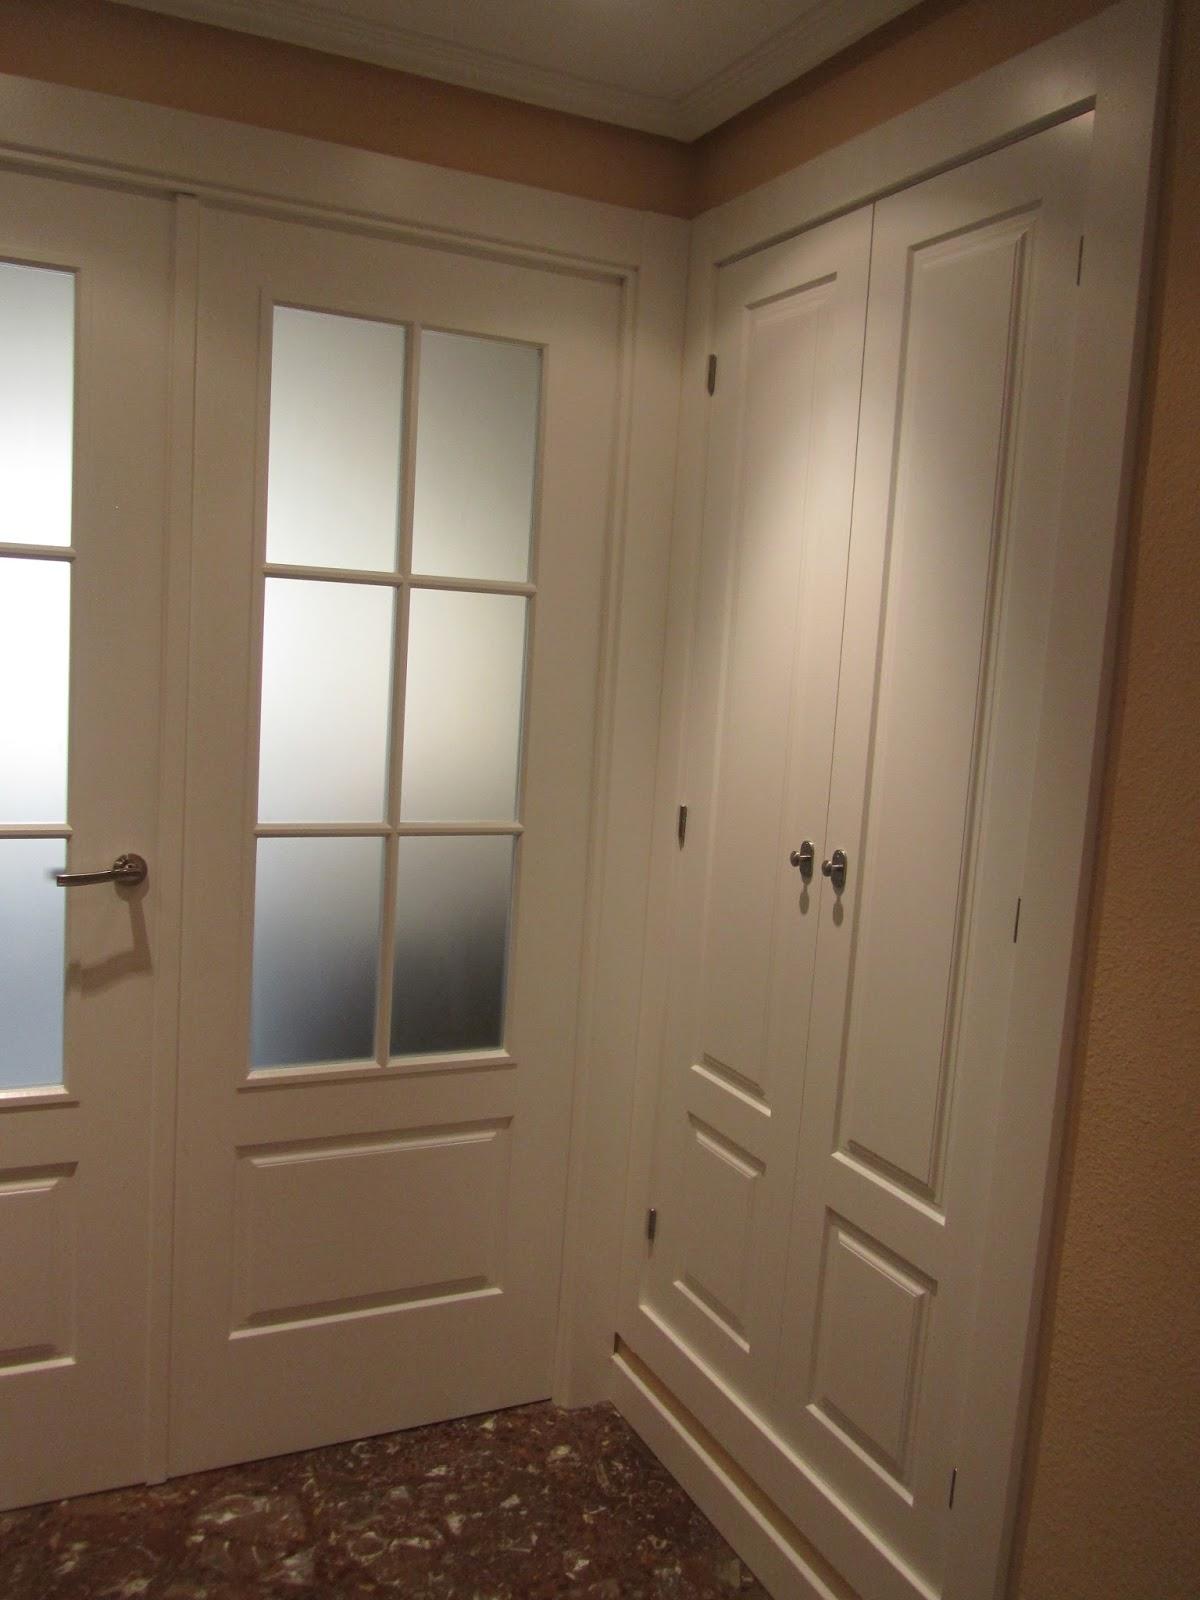 Puertas lozano reforma vivienda puertas lacadas blancas - Puertas vivienda ...